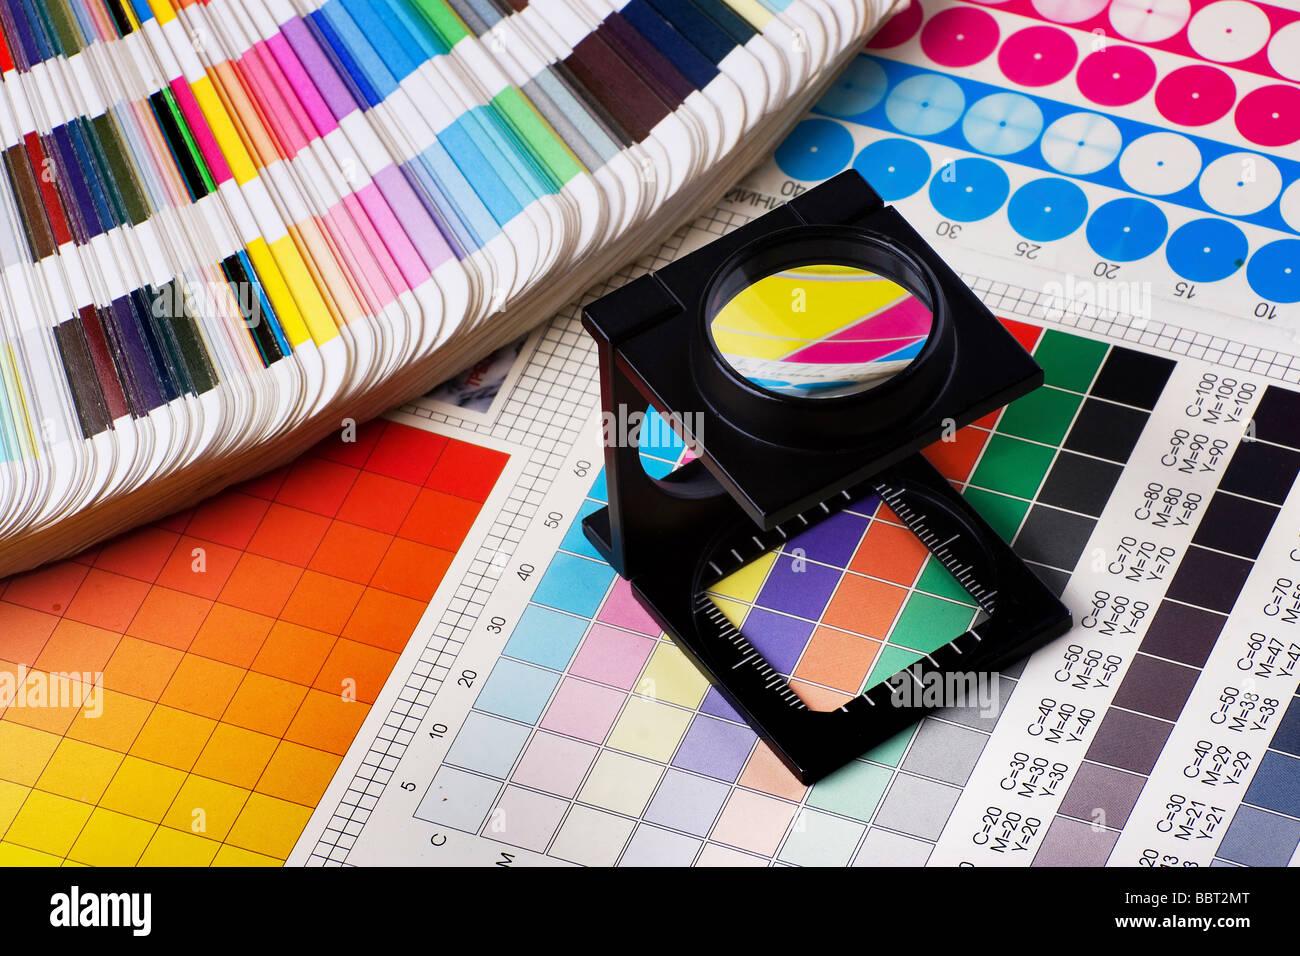 Press Color Management Print Production